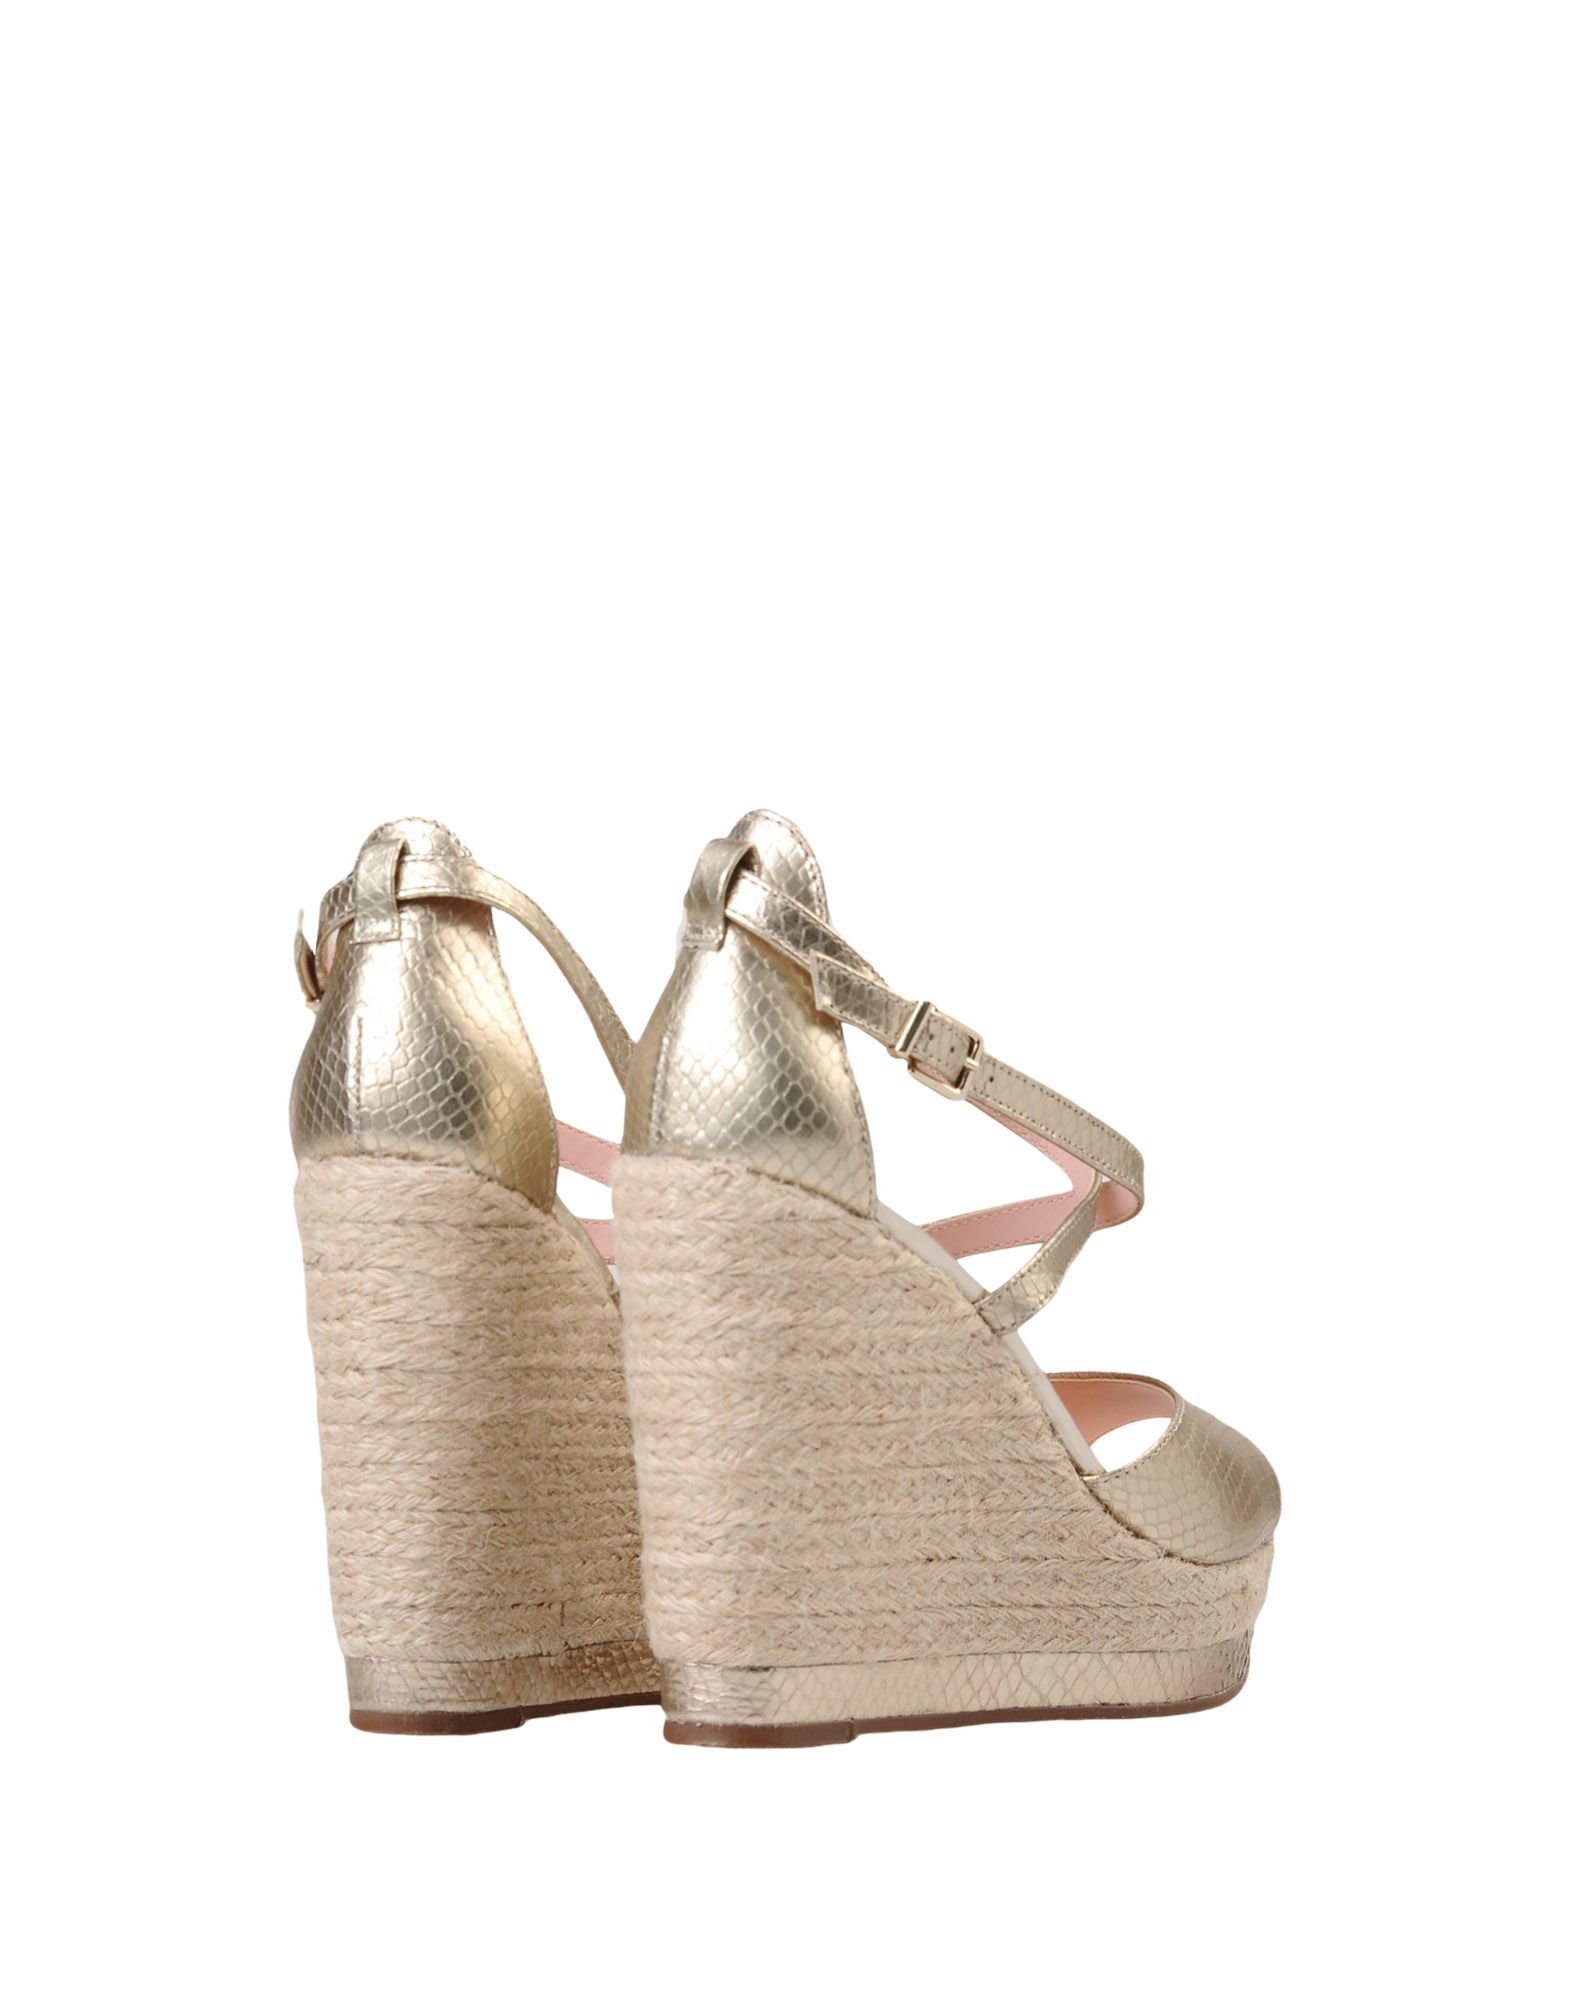 Dune London Sandalen Damen  11451596XM Gute Qualität beliebte Schuhe